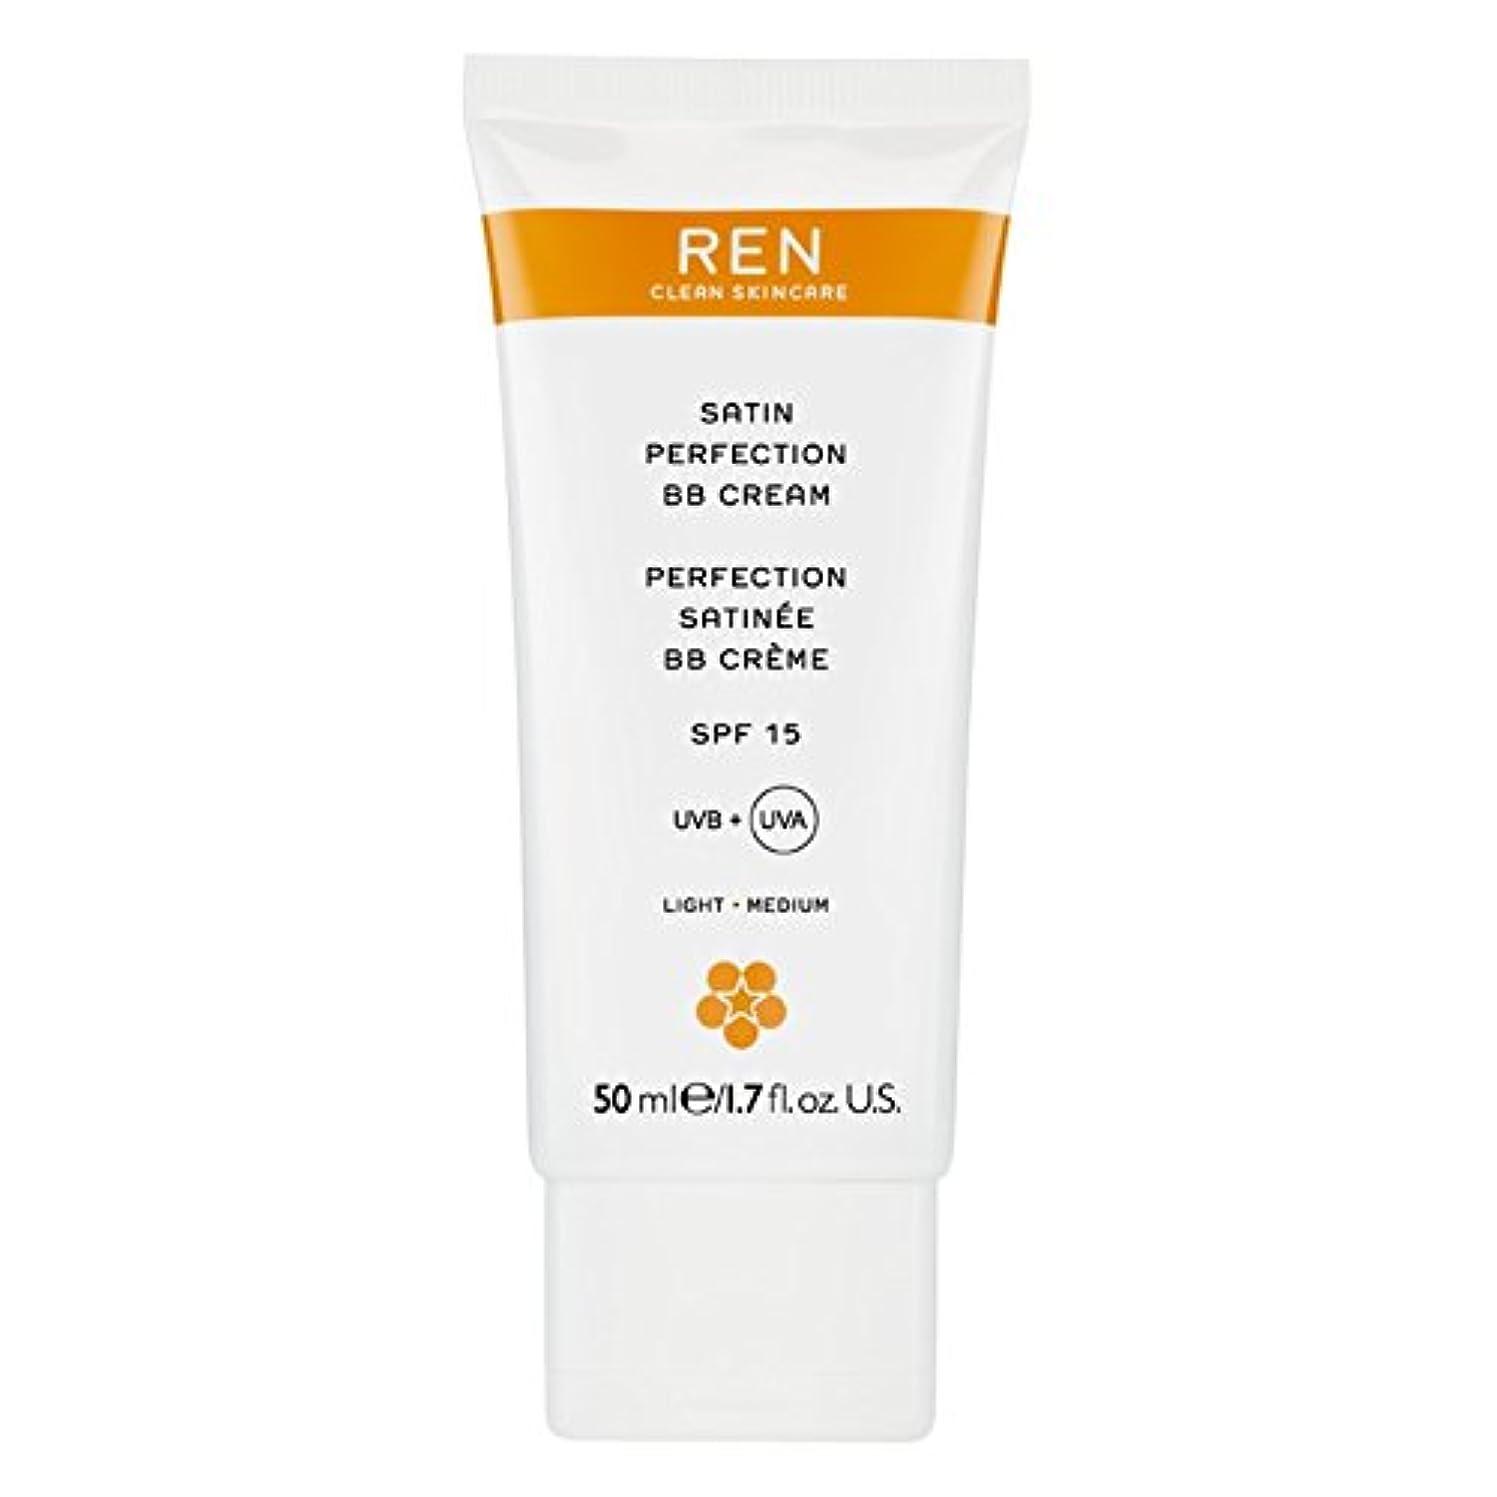 願望望ましいユーザーRenサテン完璧Bbクリーム50ミリリットル (REN) (x2) - REN Satin Perfection BB Cream 50ml (Pack of 2) [並行輸入品]